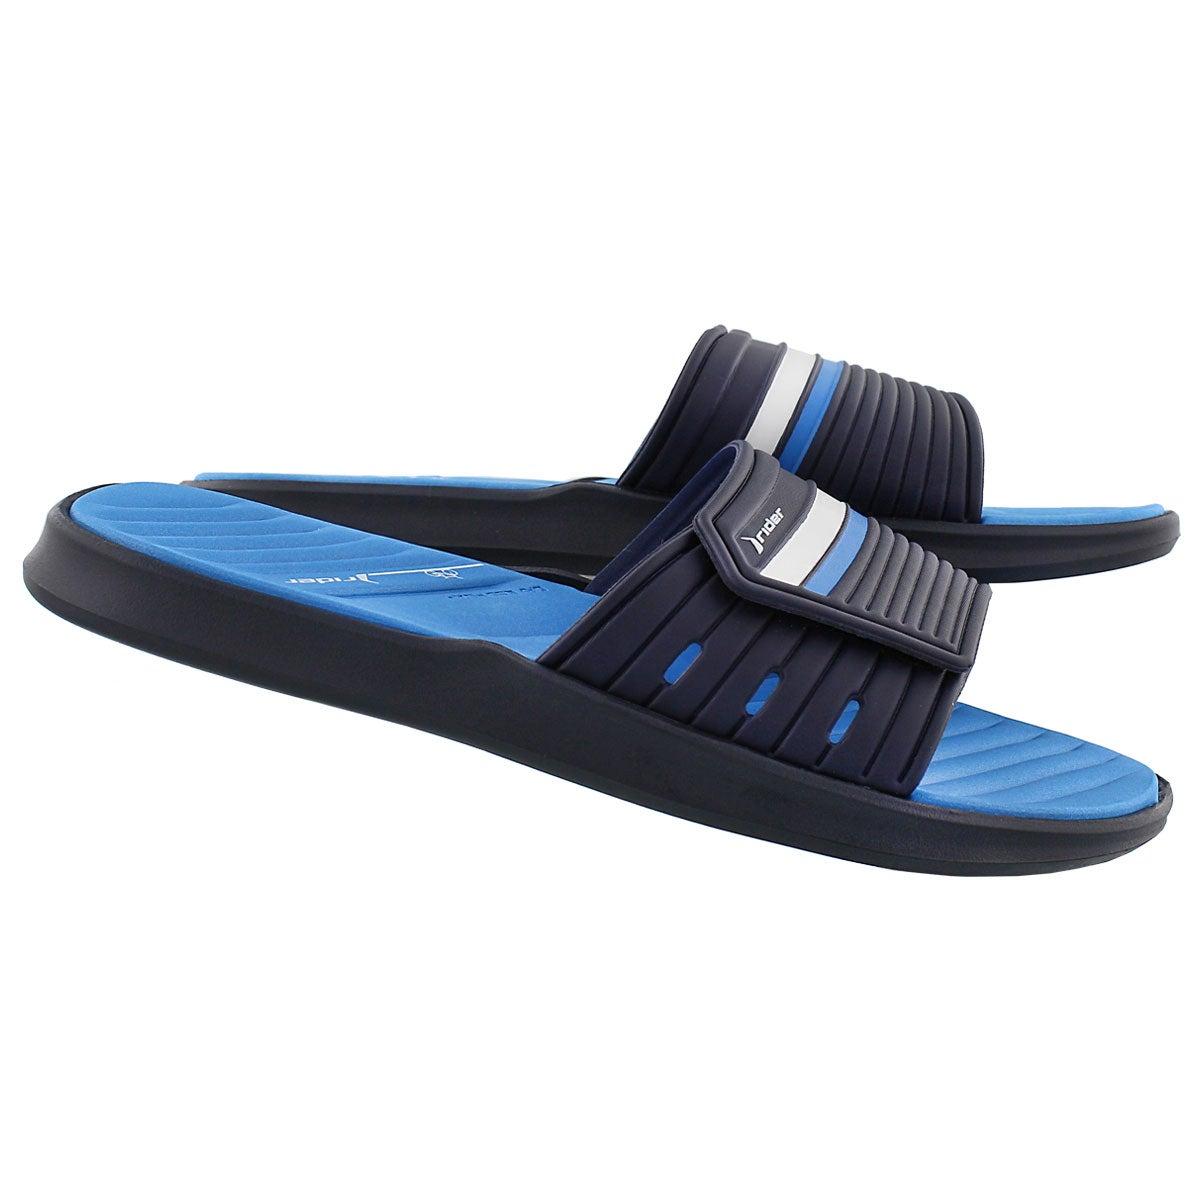 Mns Rail black/blue slide sport sandal